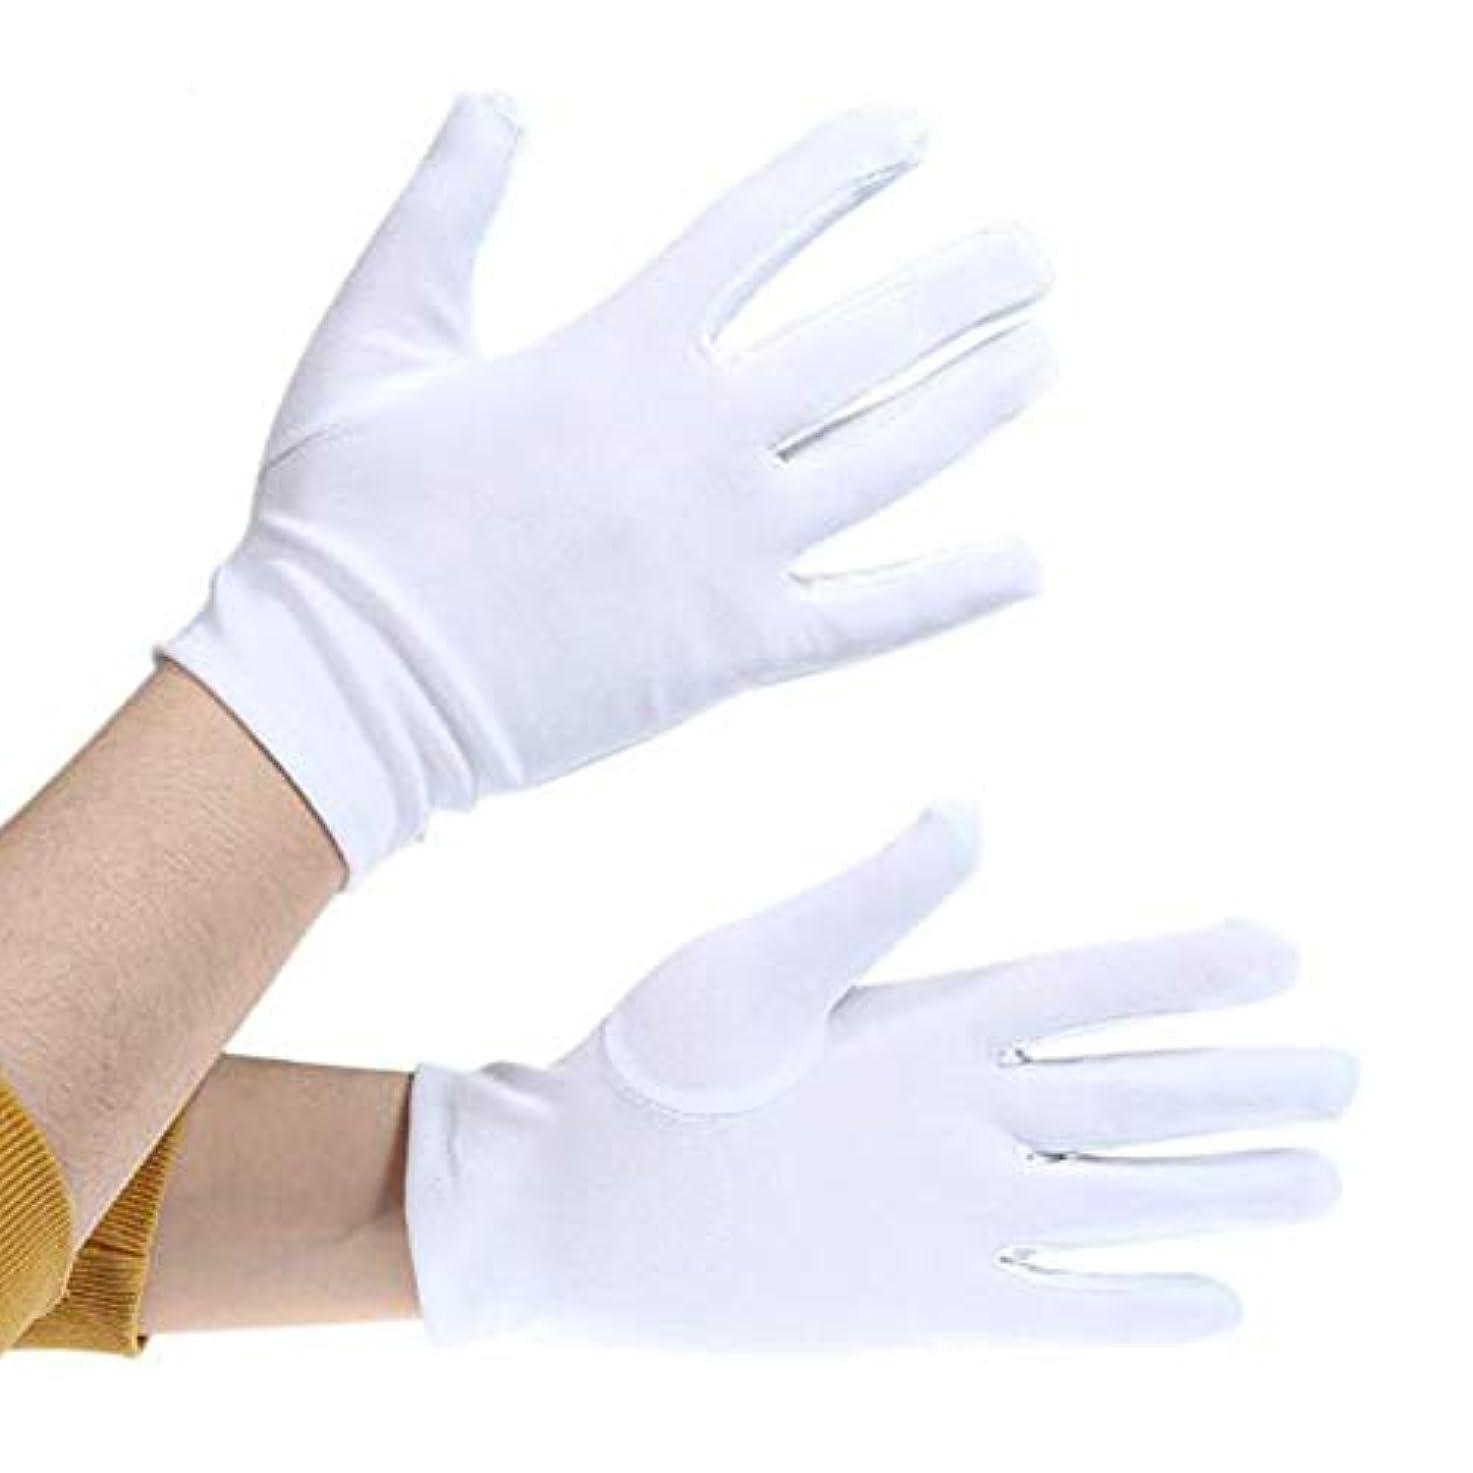 結び目先行する盟主白手袋薄 礼装用 ジュエリーグローブ時計 貴金属 宝石 接客用 品質管理用 作業用手ぶくろ,保護着用者